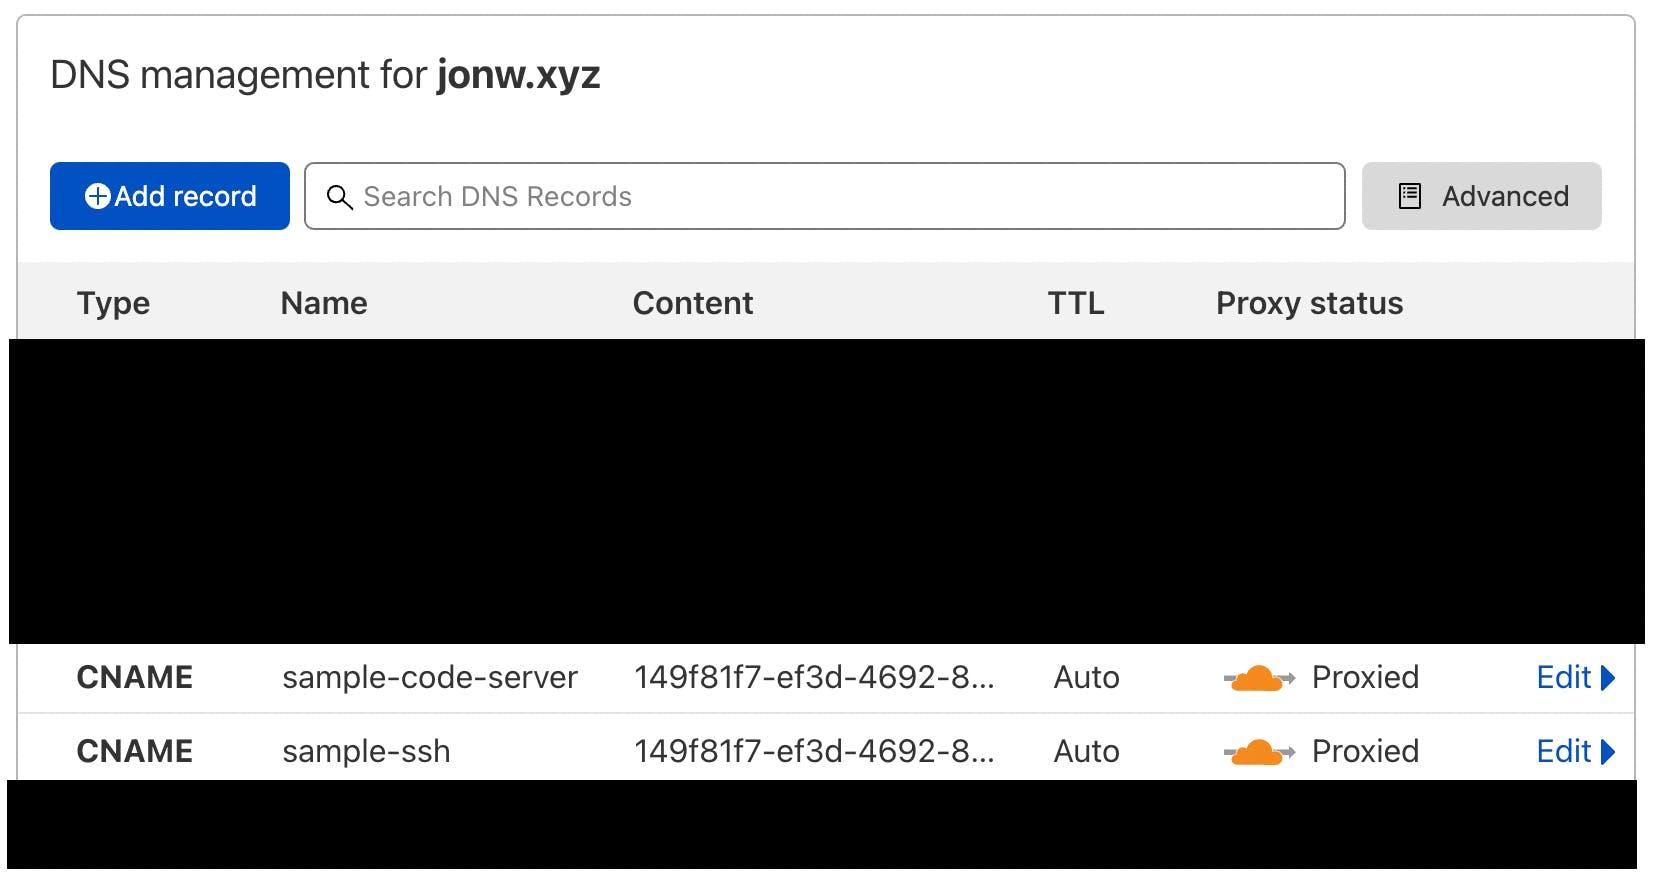 Screen Shot 2021-09-08 at 1.12.17 PM.png